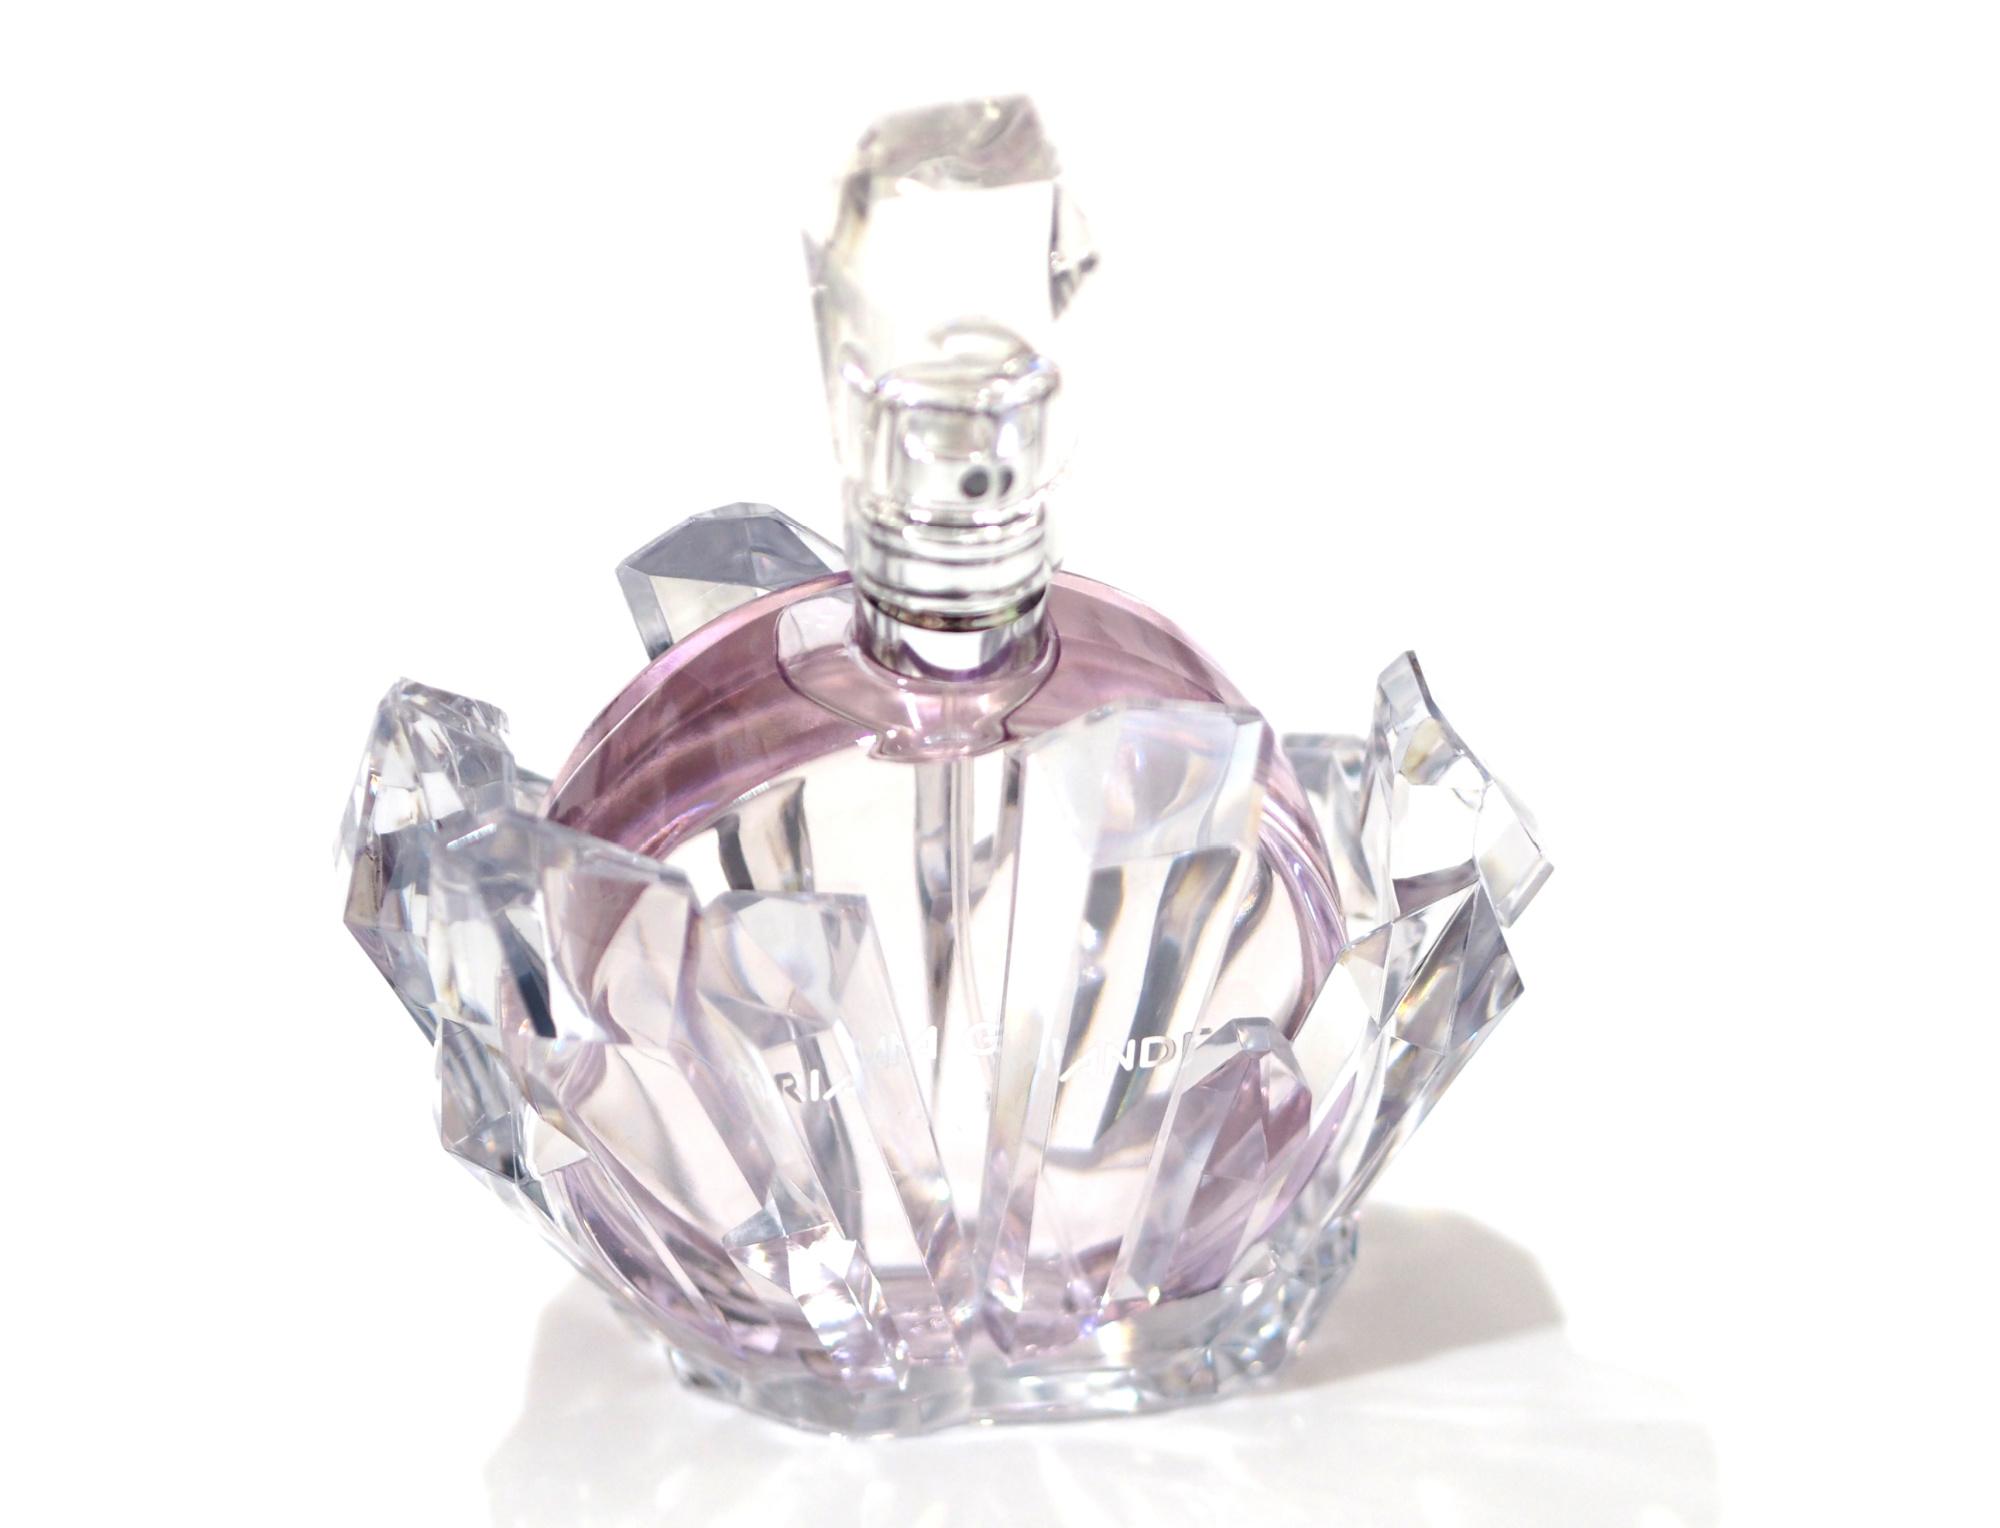 Ariana Grande R.E.M. Eau de Parfum Review